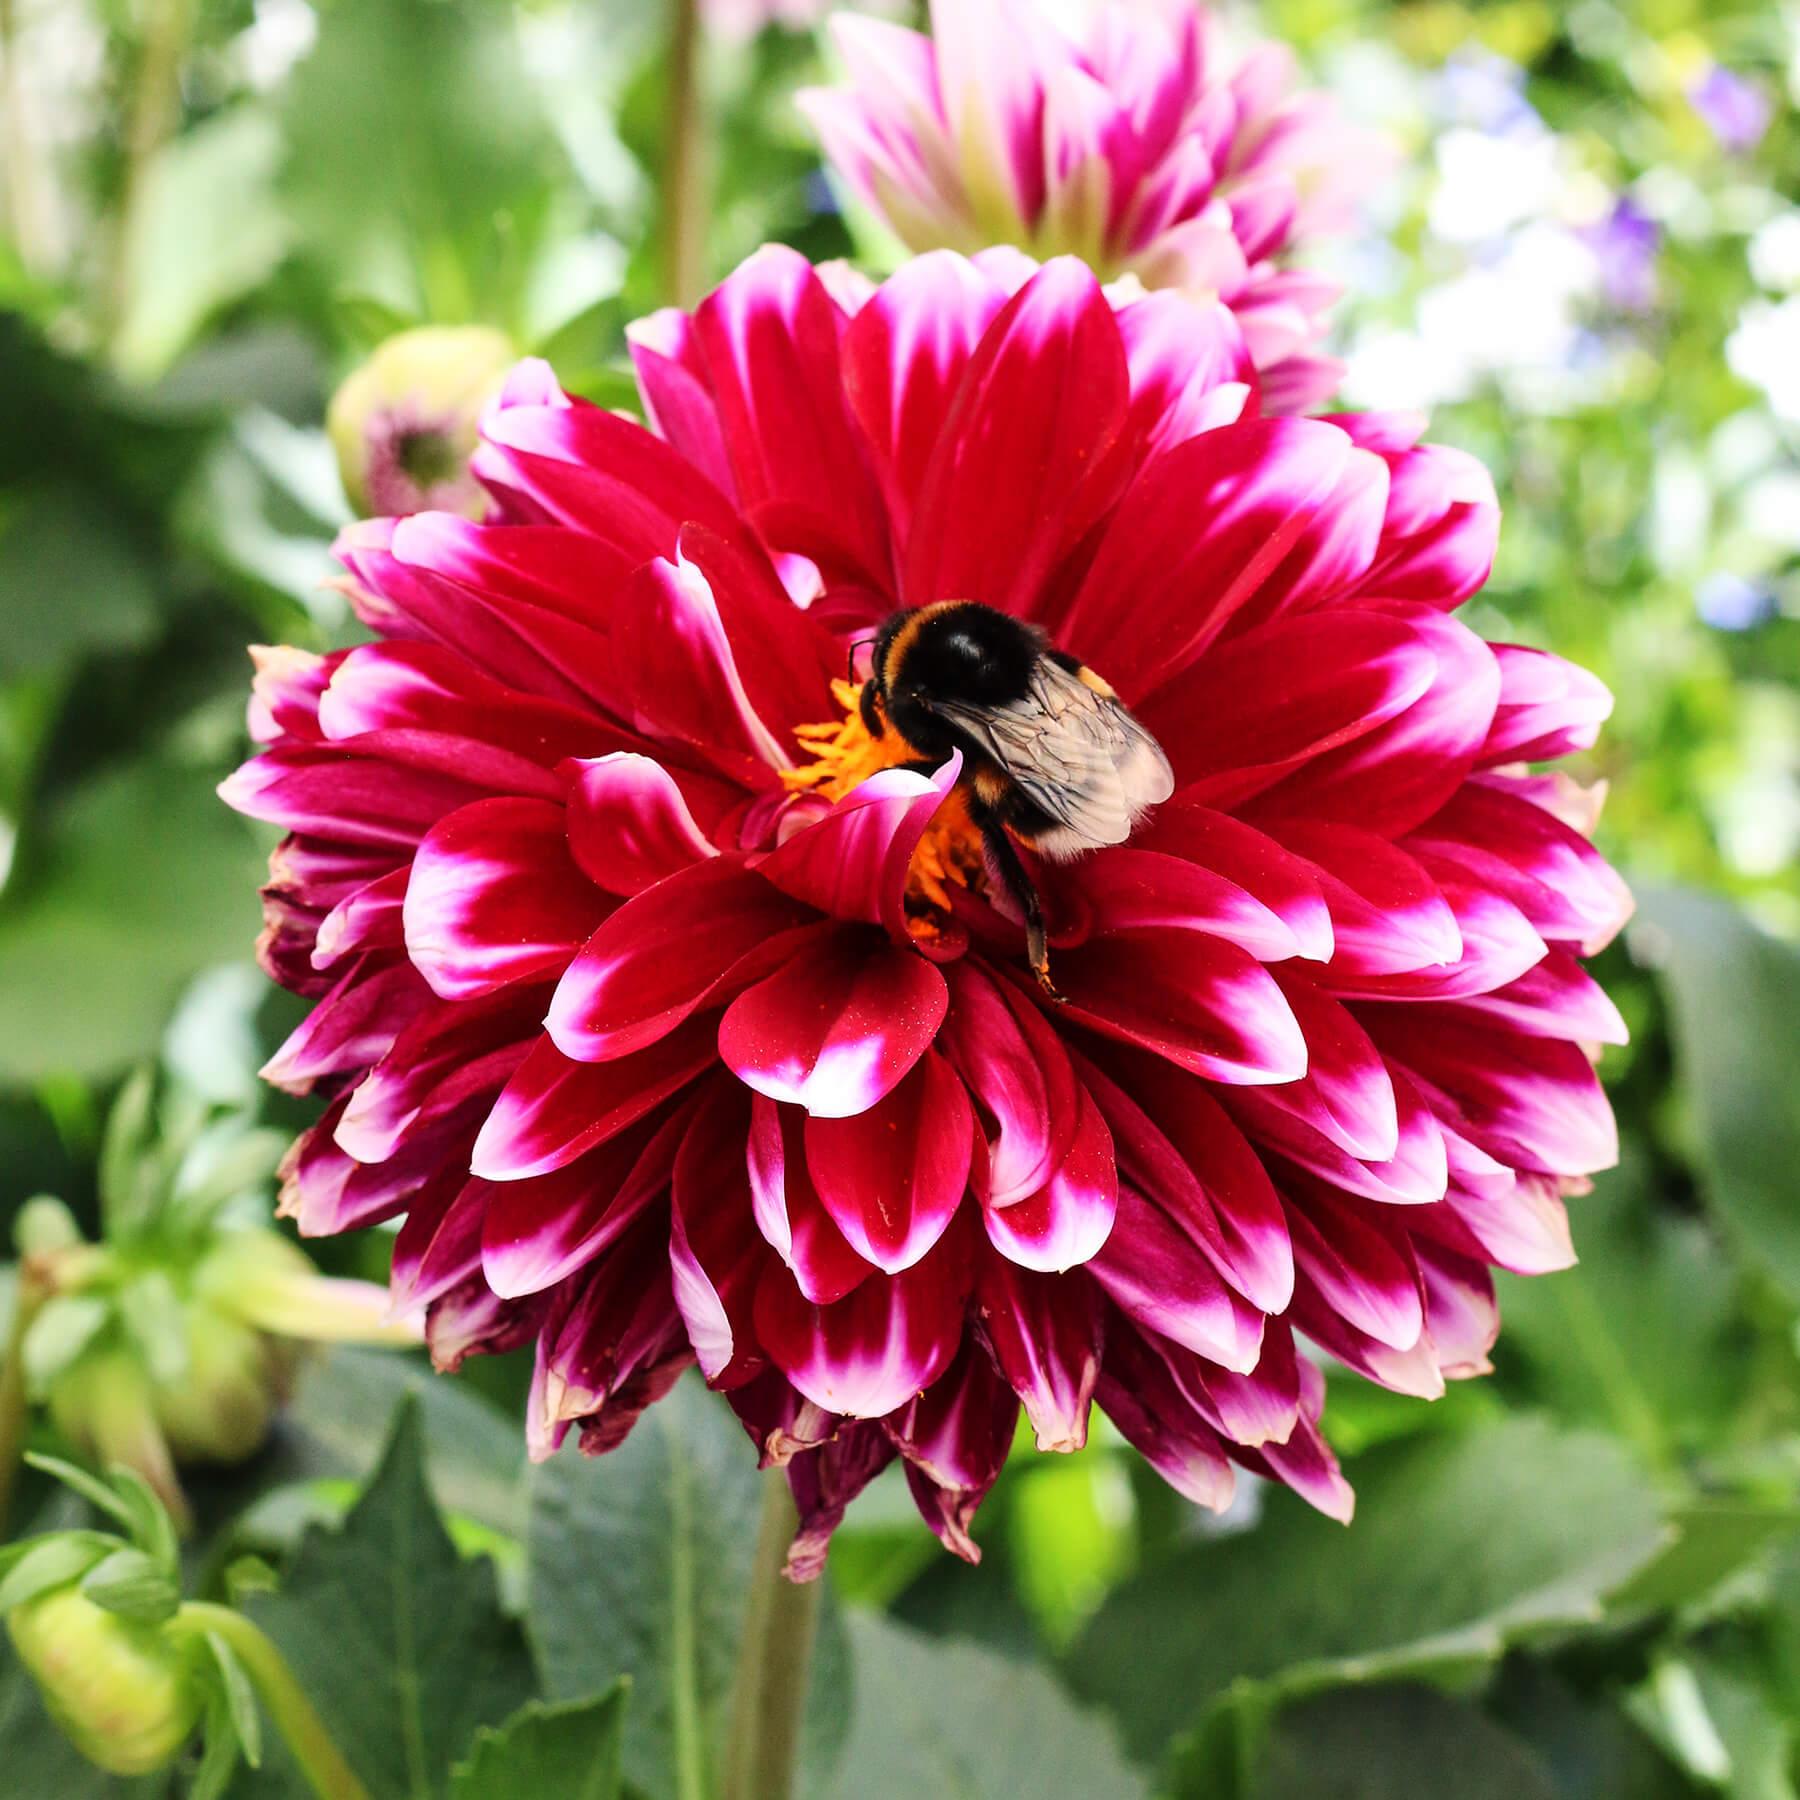 Pollineringsveckan: Både människor och pollinerande insekter älskar dahlior! Här har en humla hittat godsaker i mitten på en dahlia i varmt cerise. Dahlior finns i en mängd sorter och färger och är oerhört populär.